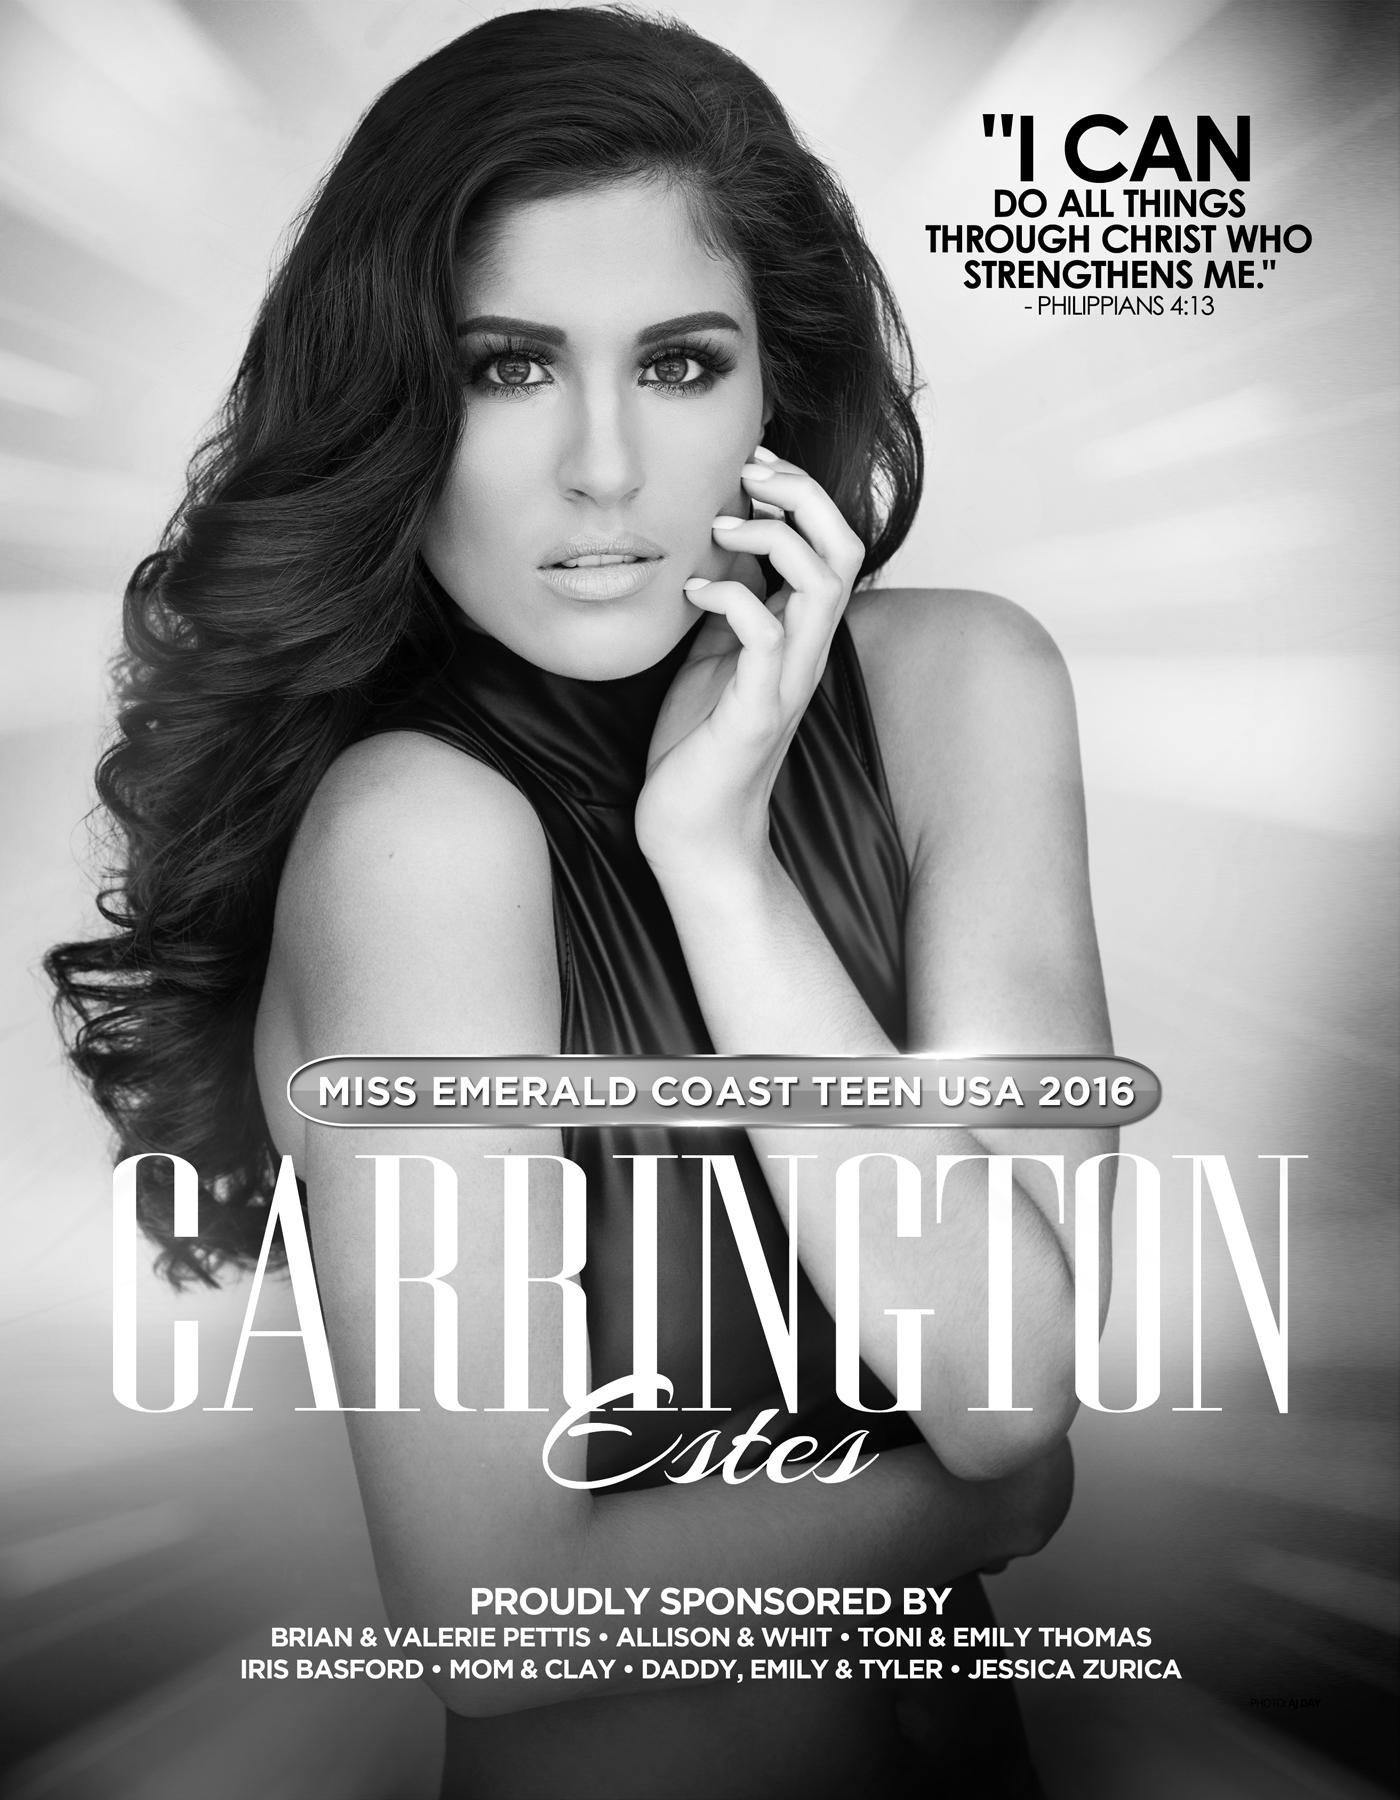 Carrington Estes